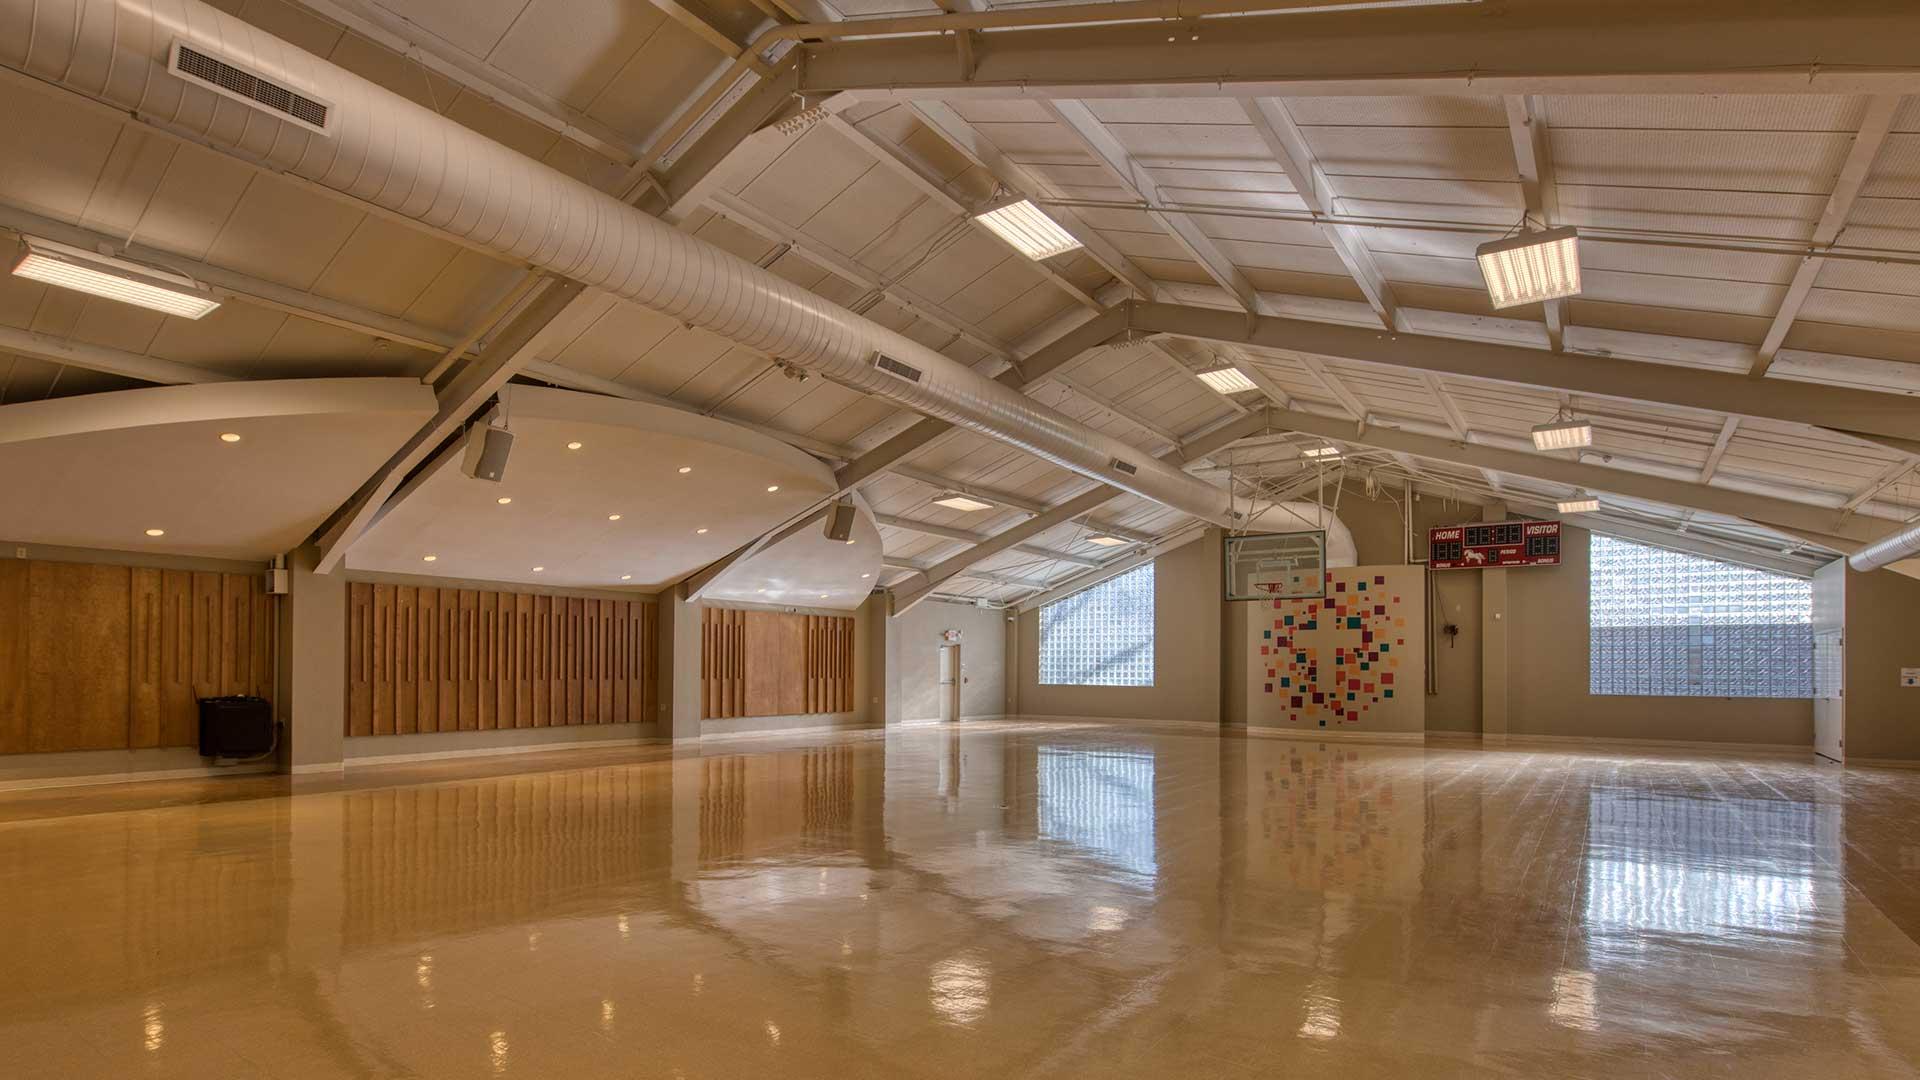 athleticcenter-1.jpg